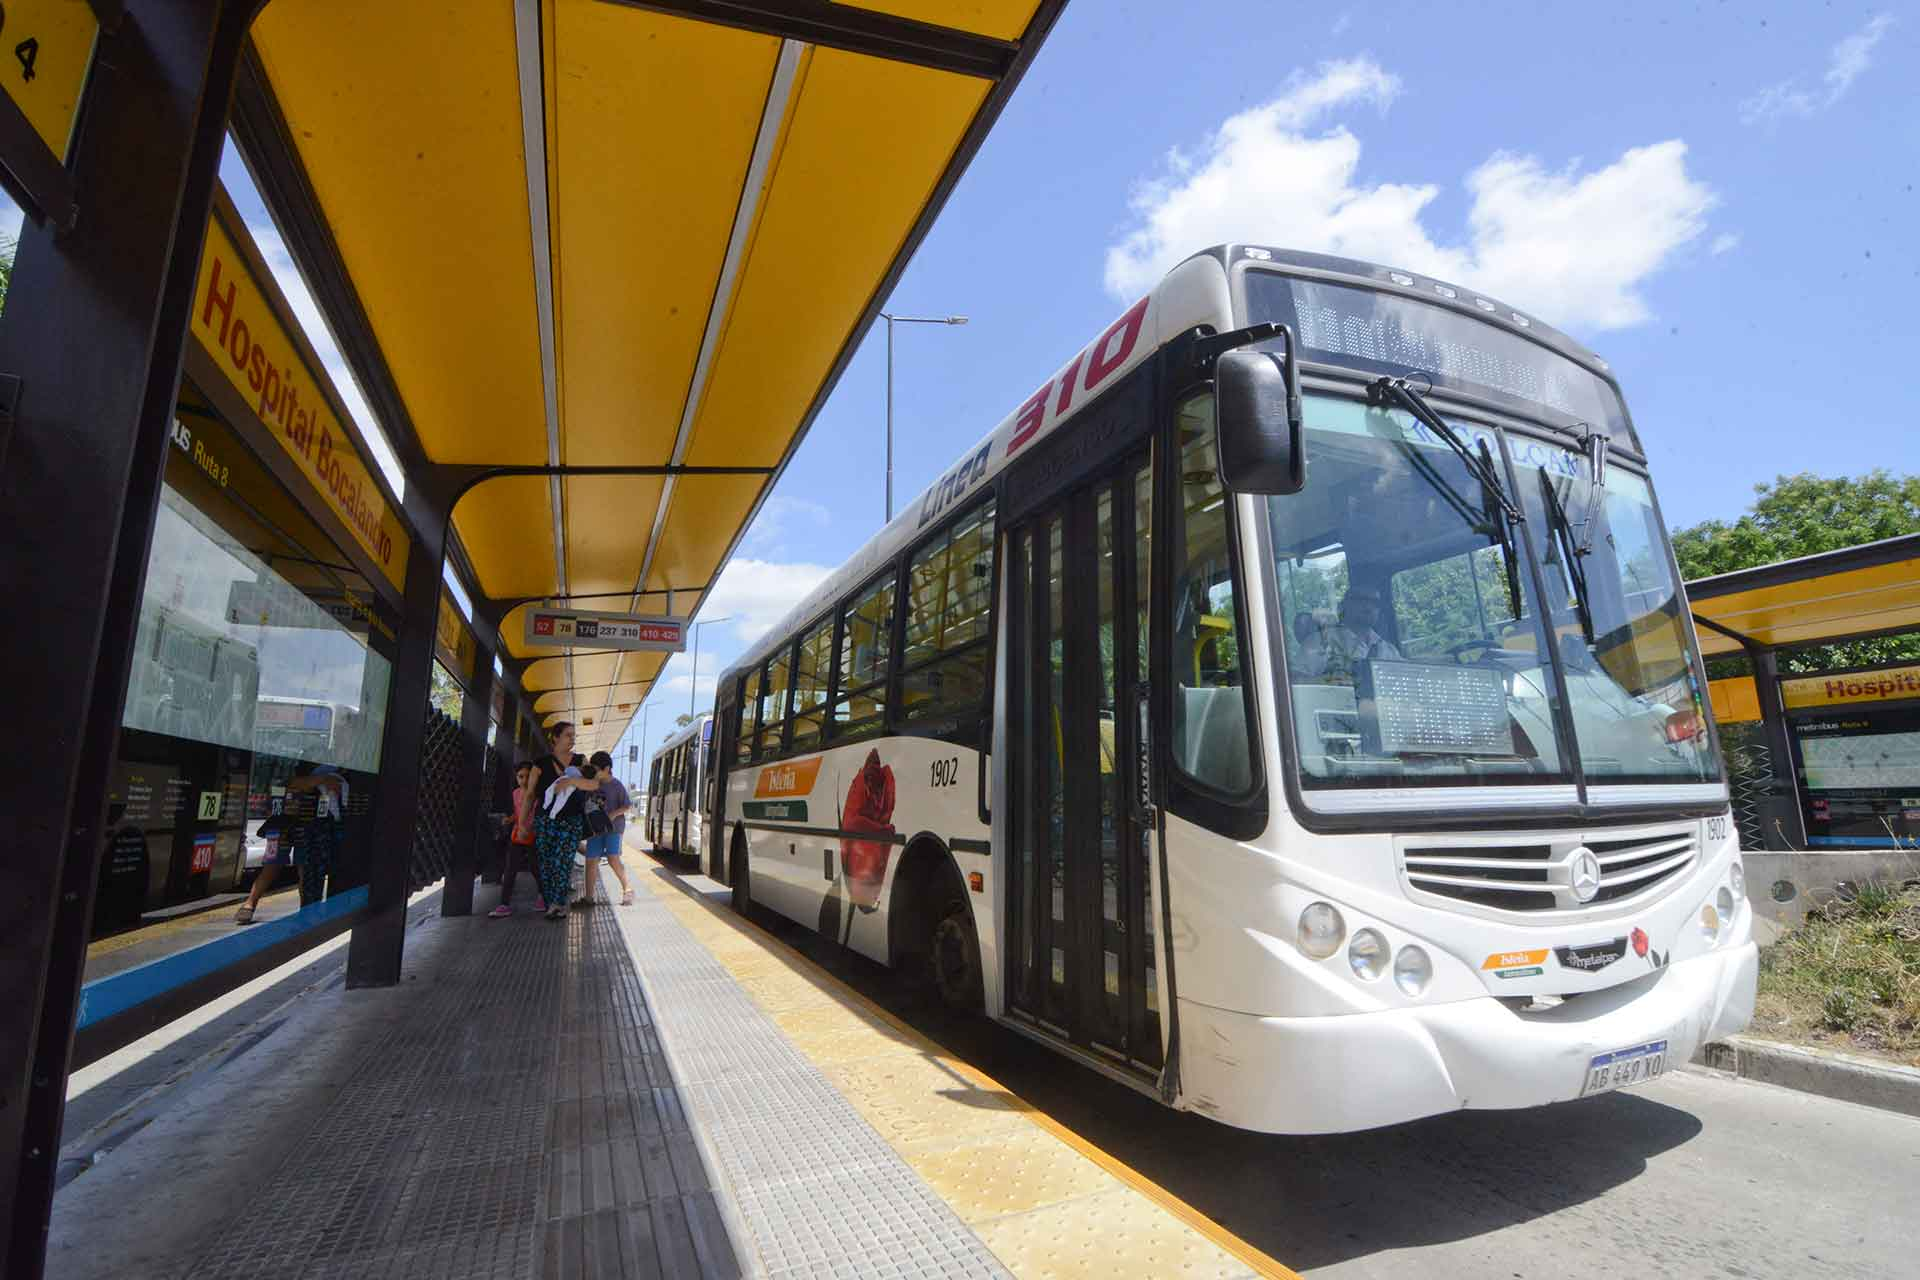 El metrobus de la 9 de Julio estará inhabilitado desde las 18 horas